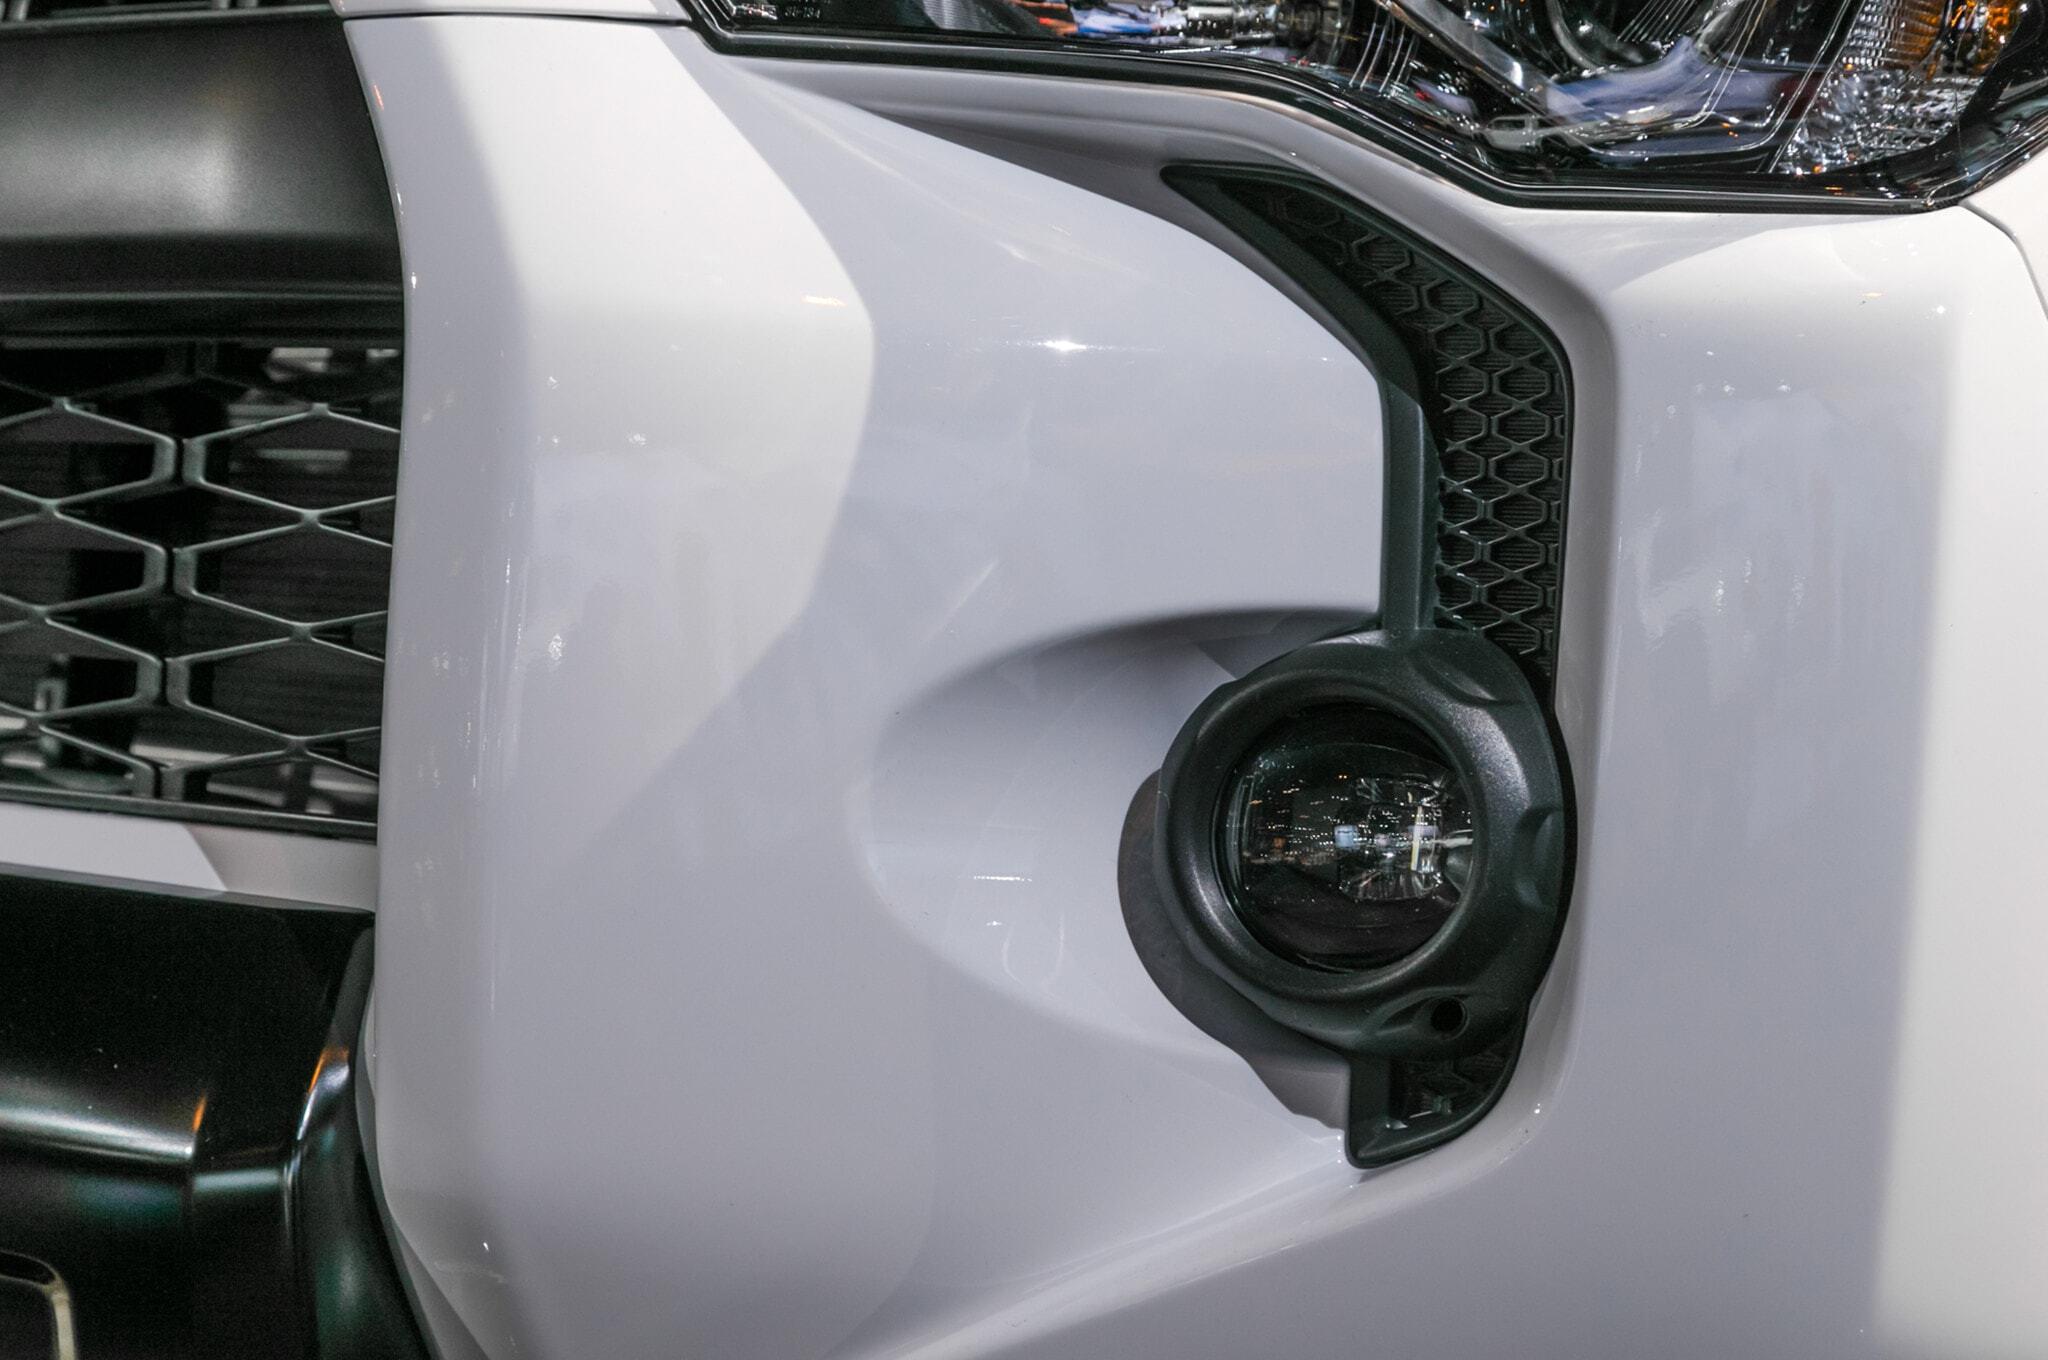 2019-Toyota-4Runner-TRD-Pro-headlight-detail